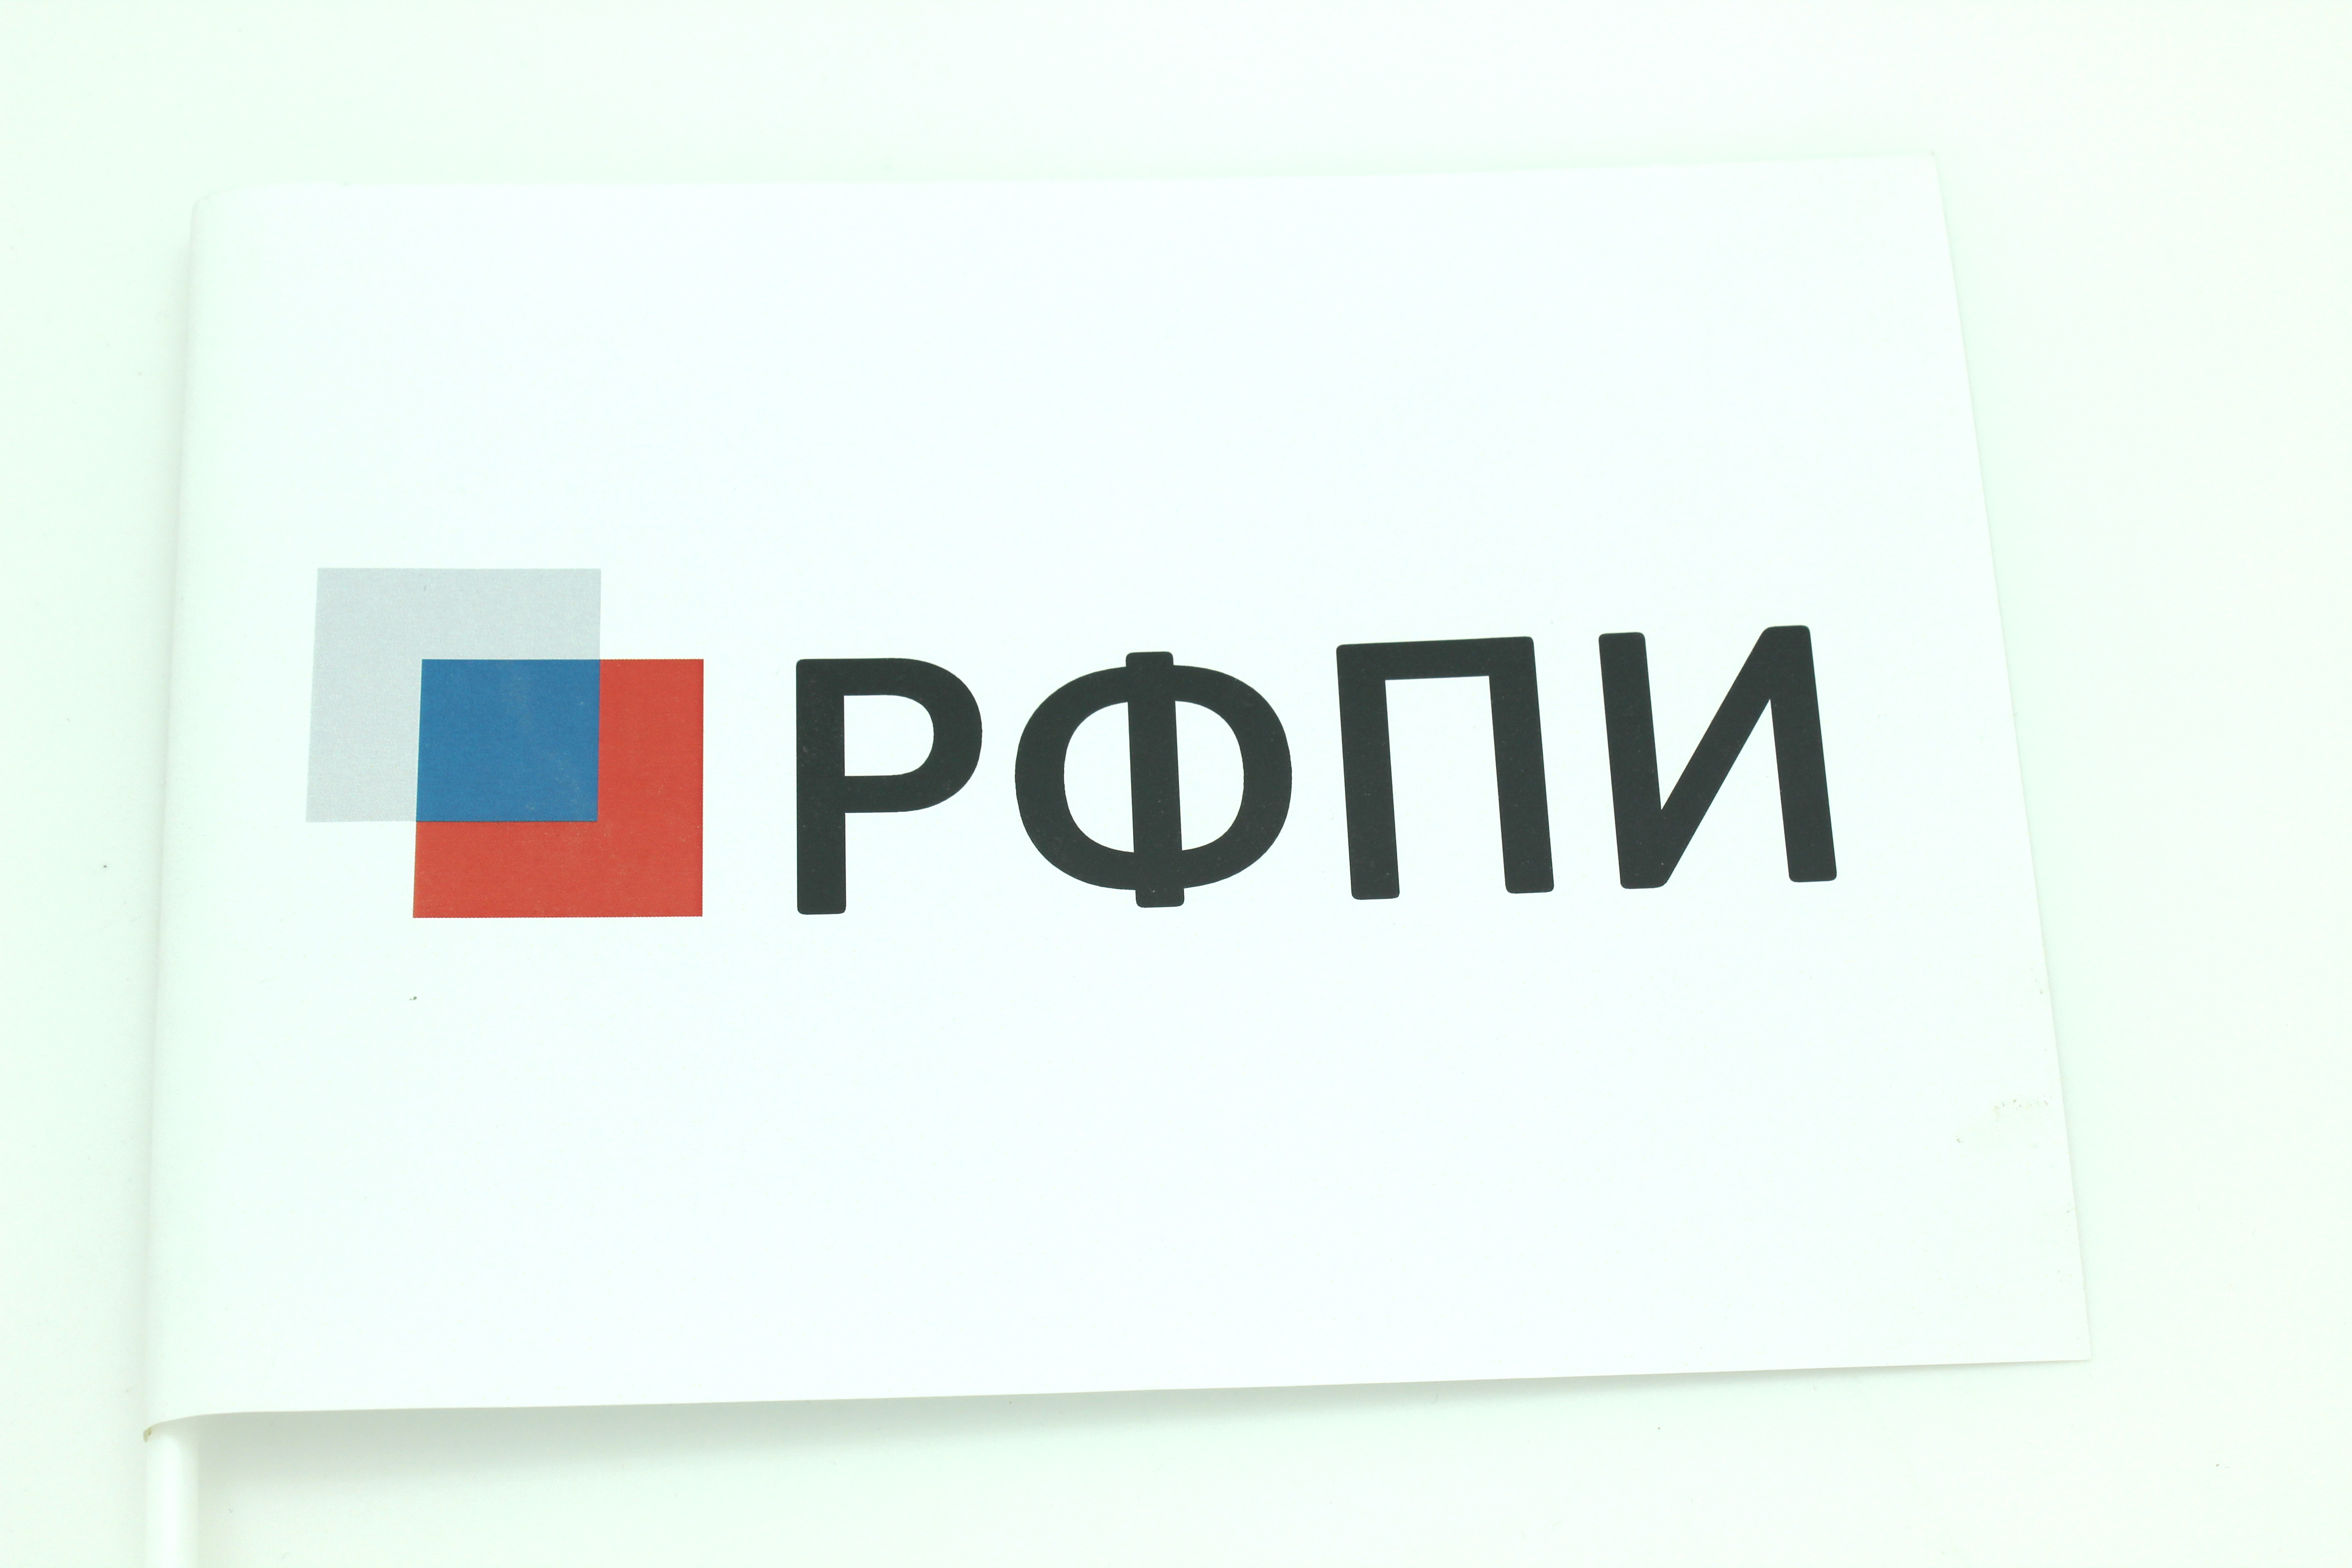 Российский фонд прямых инвестиций — википедия с видео // wiki 2